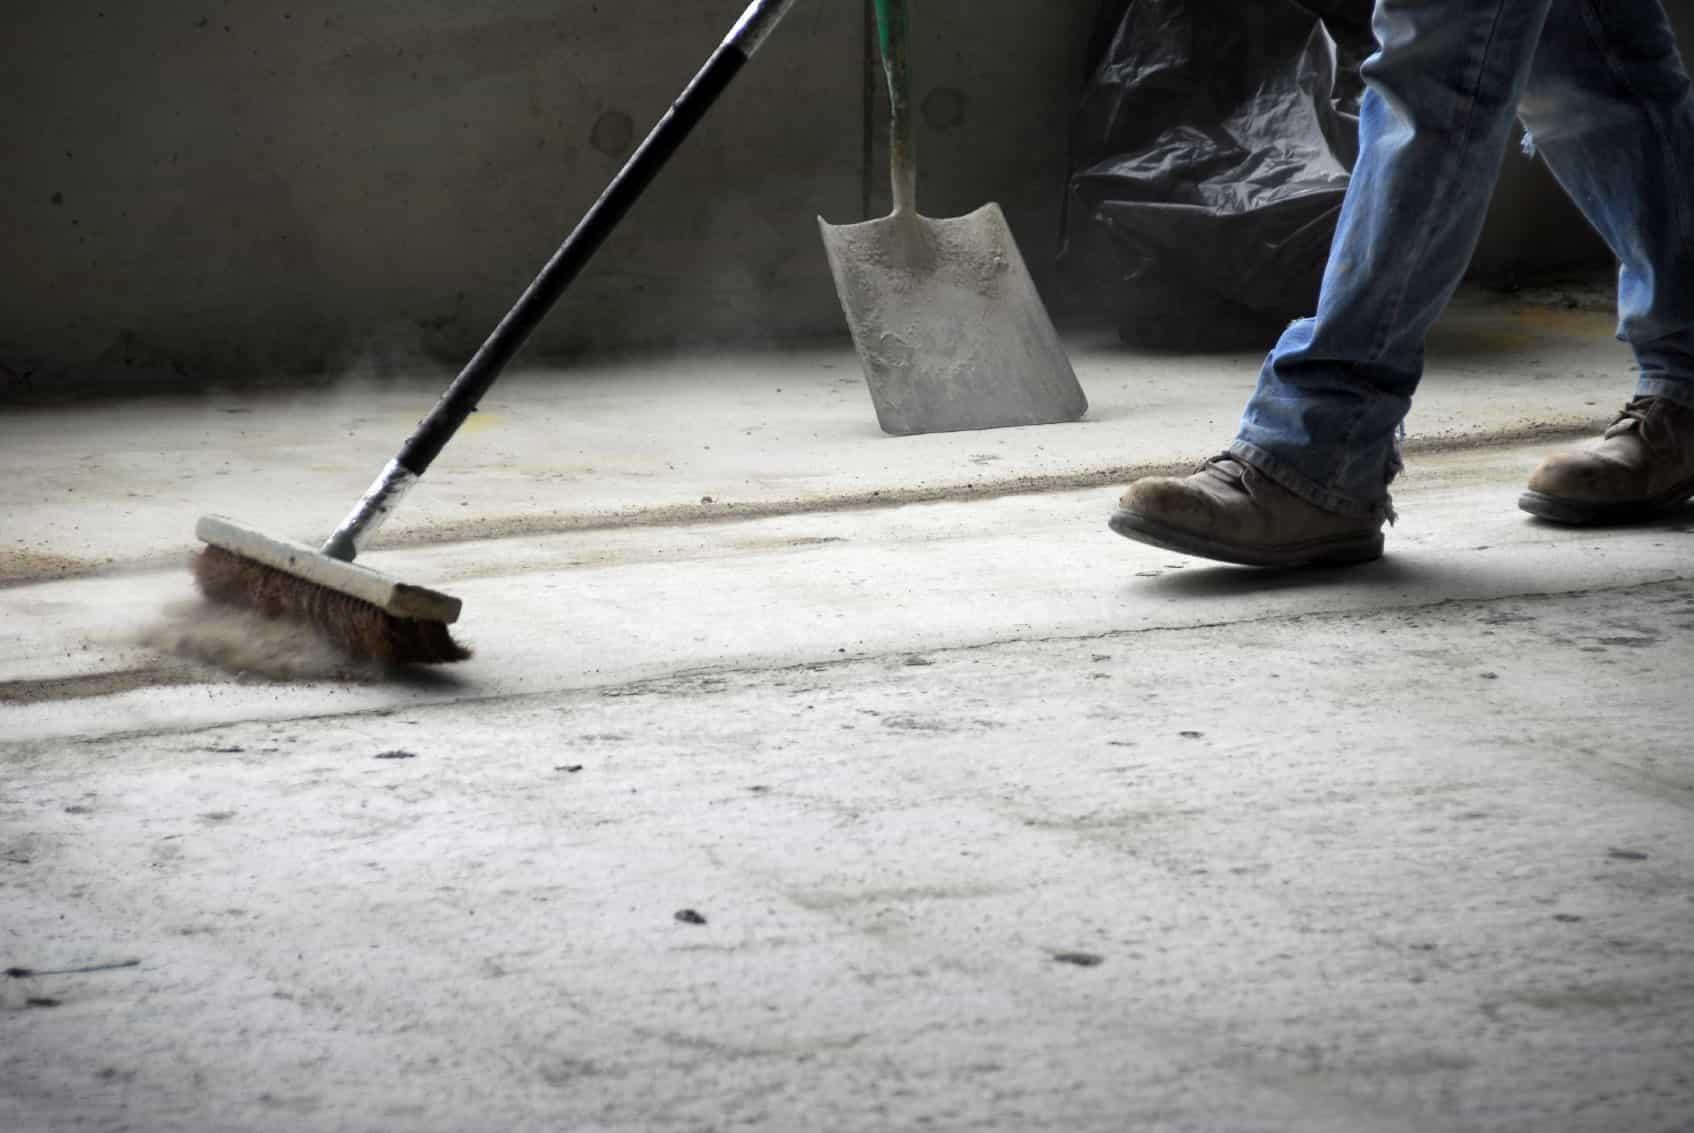 Manual de limpieza de obra de pisos y oficinas paso a paso for Manual de limpieza y desinfeccion para una cocina